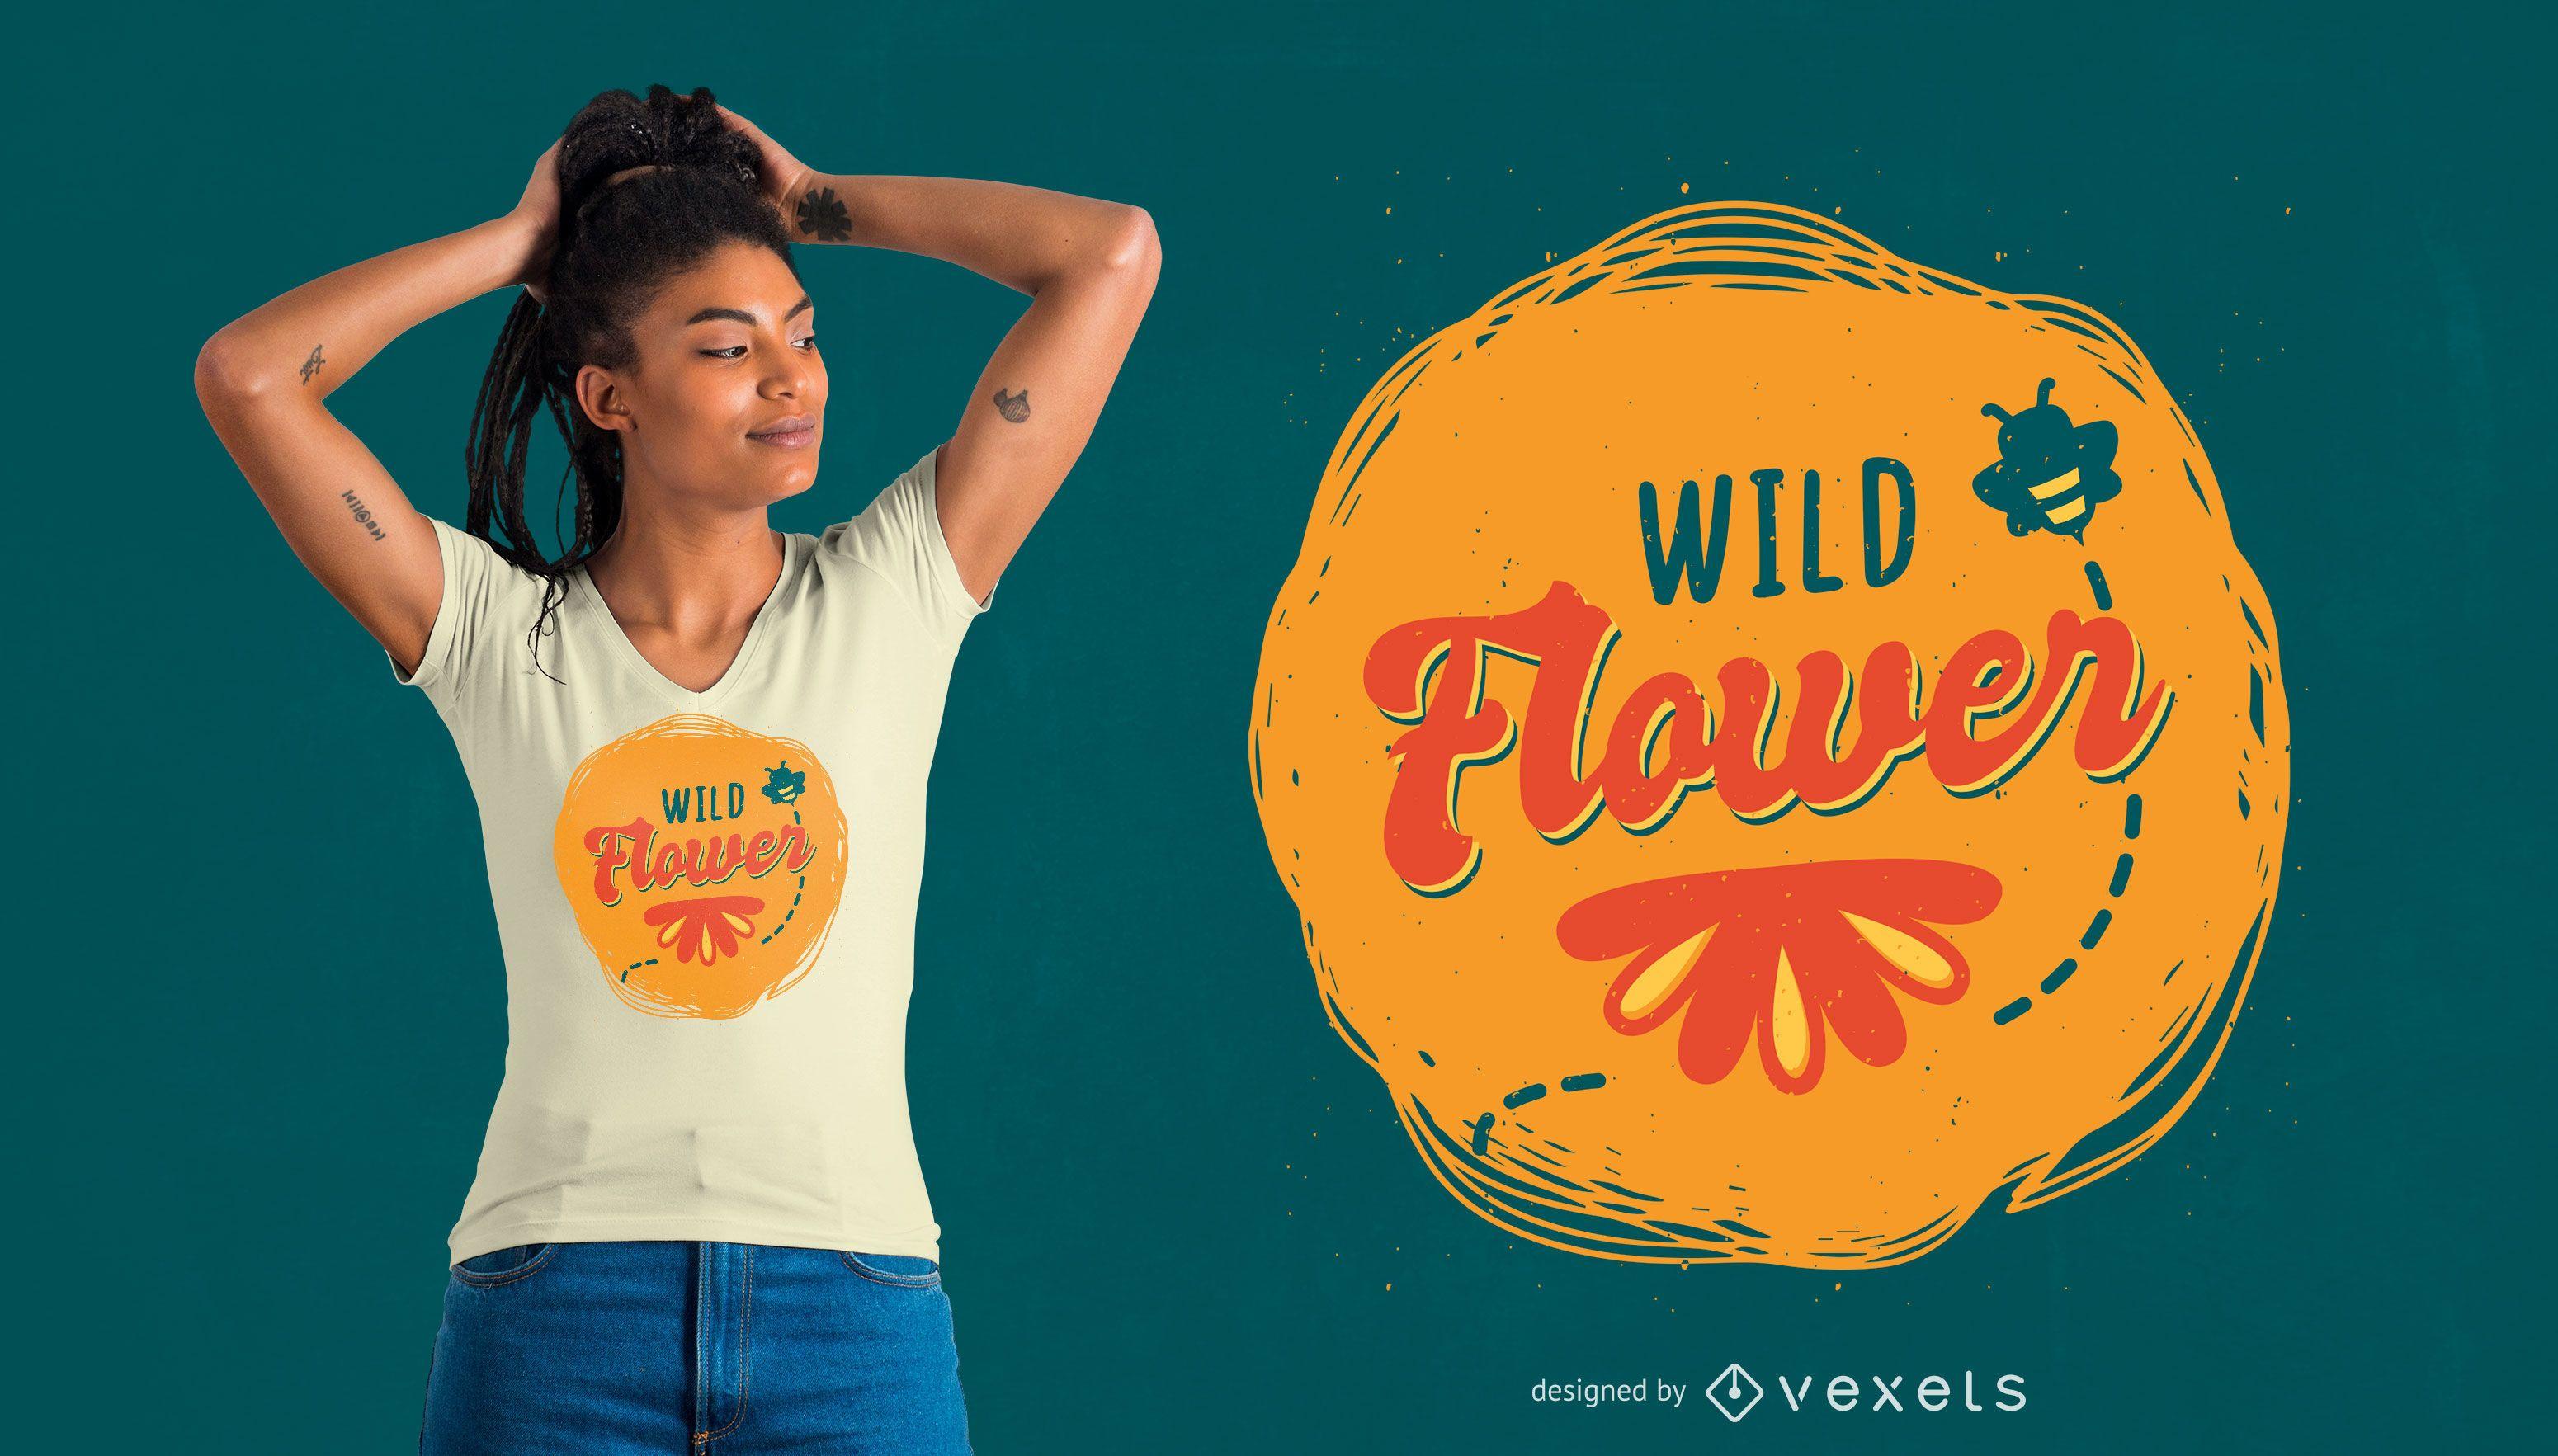 Wild flower t-shirt design